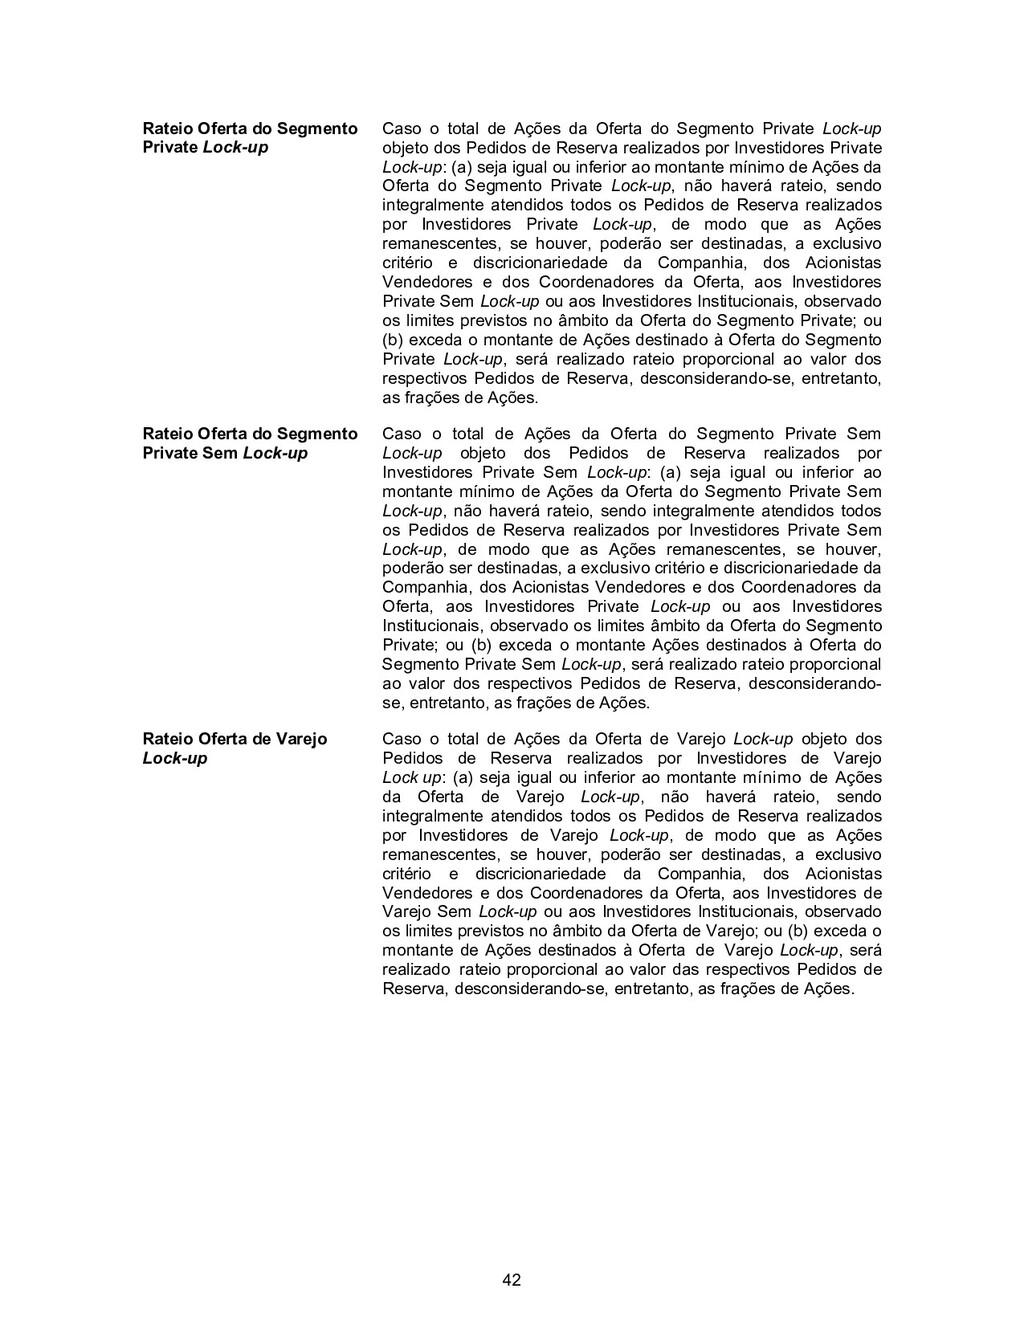 42 Rateio Oferta do Segmento Private Lock-up Ca...